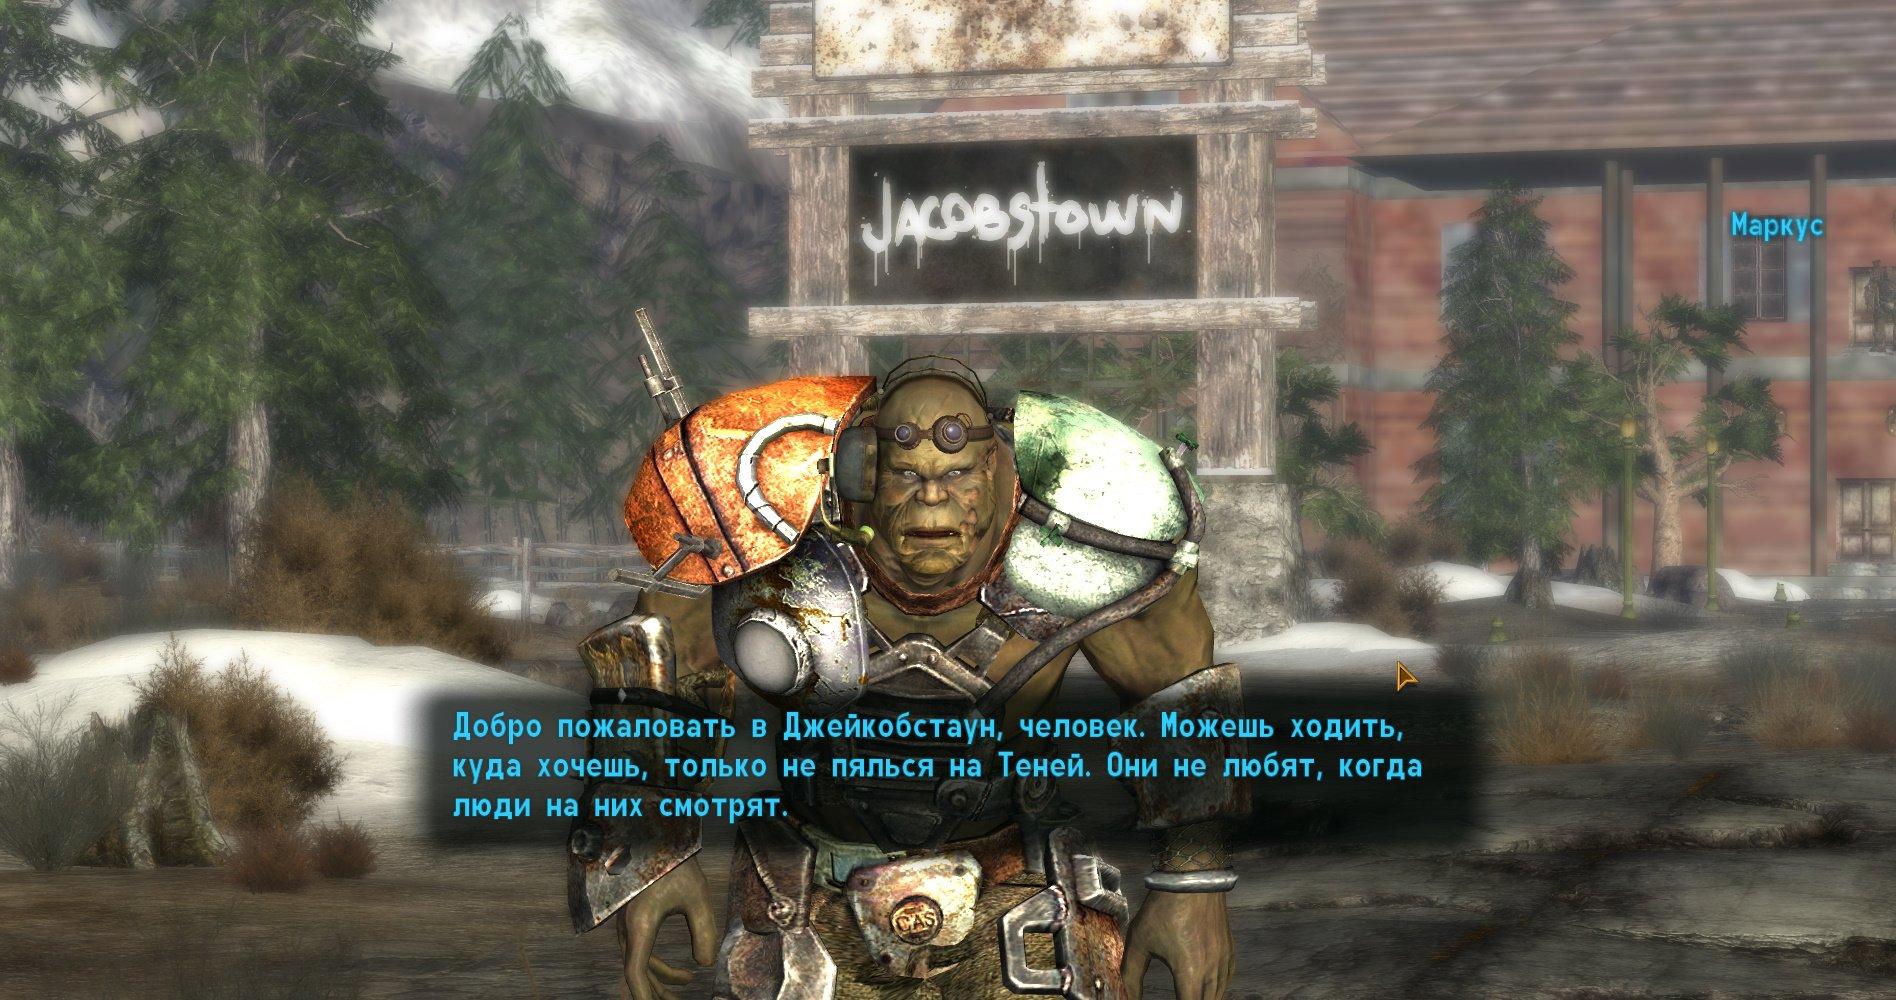 Сравнительный анализ (на самом деле нет) Fallout New Vegas vs. Fallout 4 (часть 1) - Изображение 14